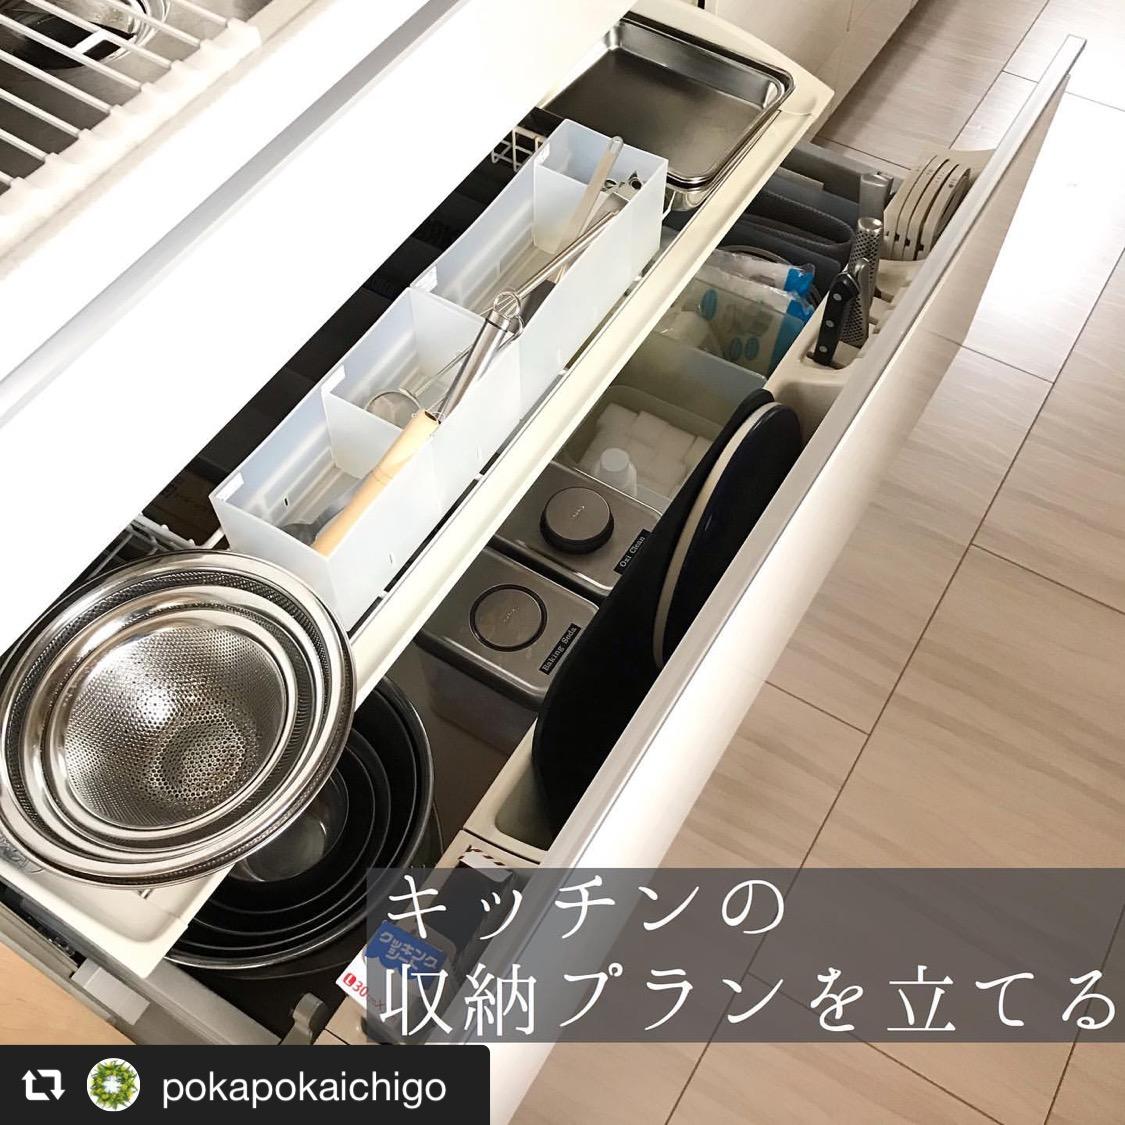 キッチン収納の大事なポイント 画像1